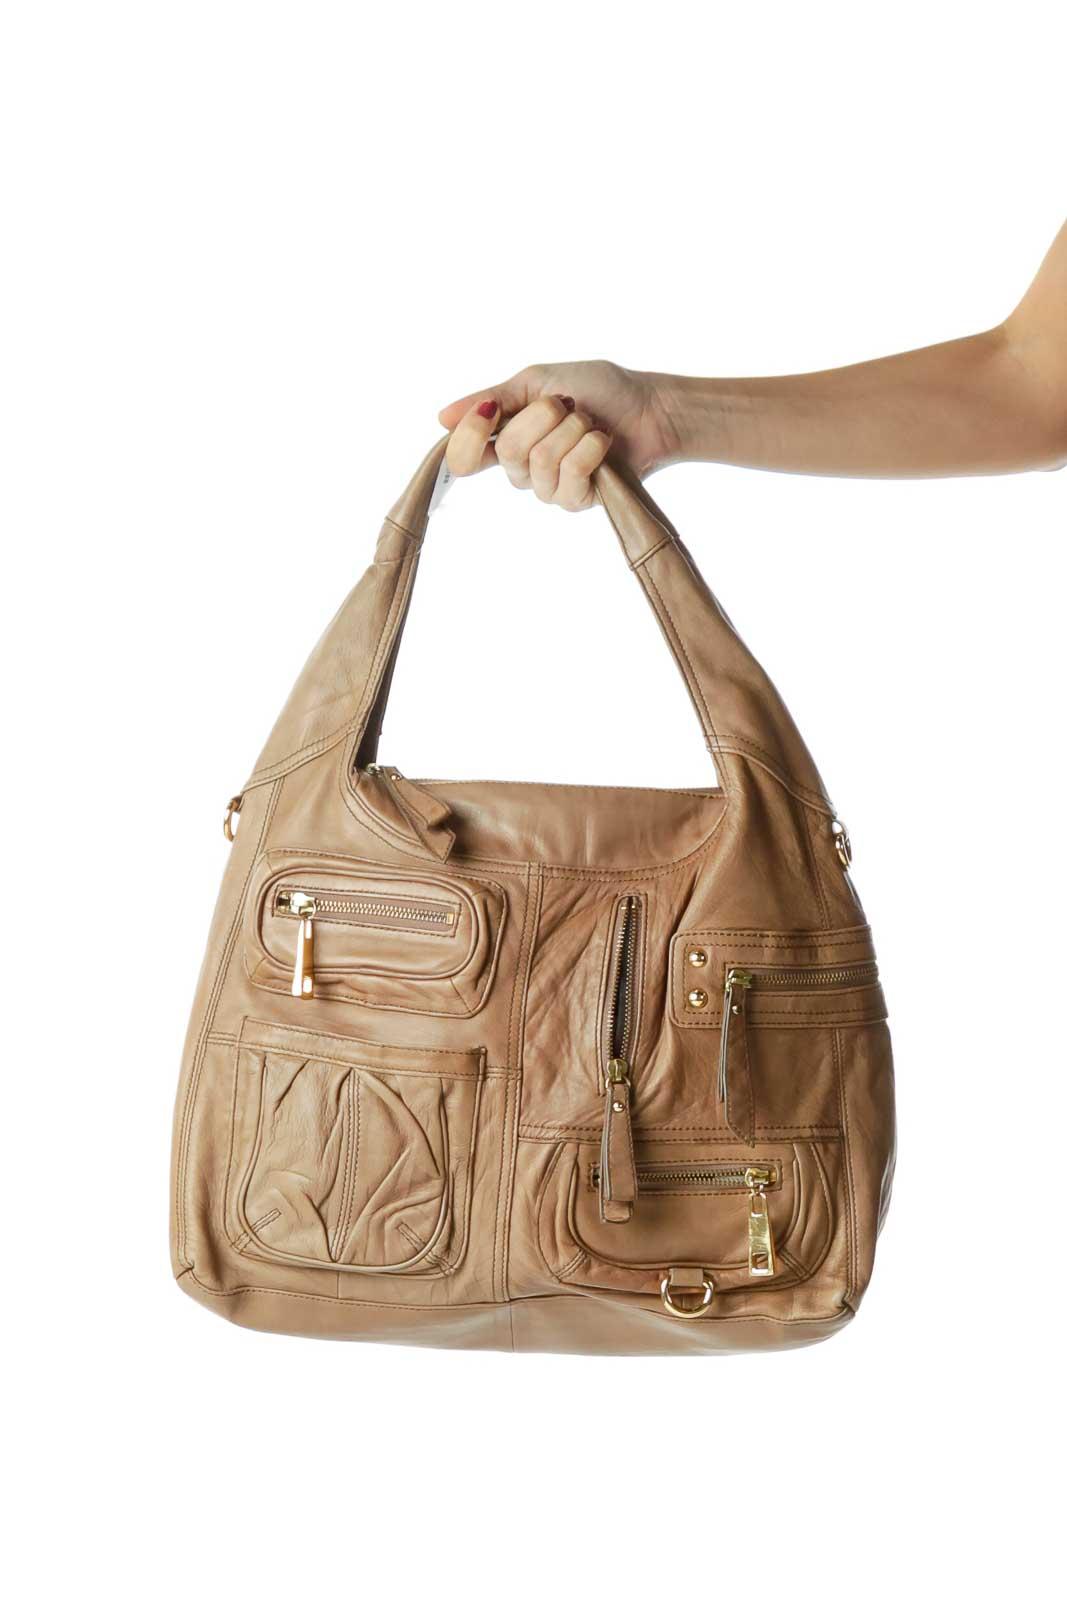 Beige Pocketed Hobo Leather Shoulder Bag Front